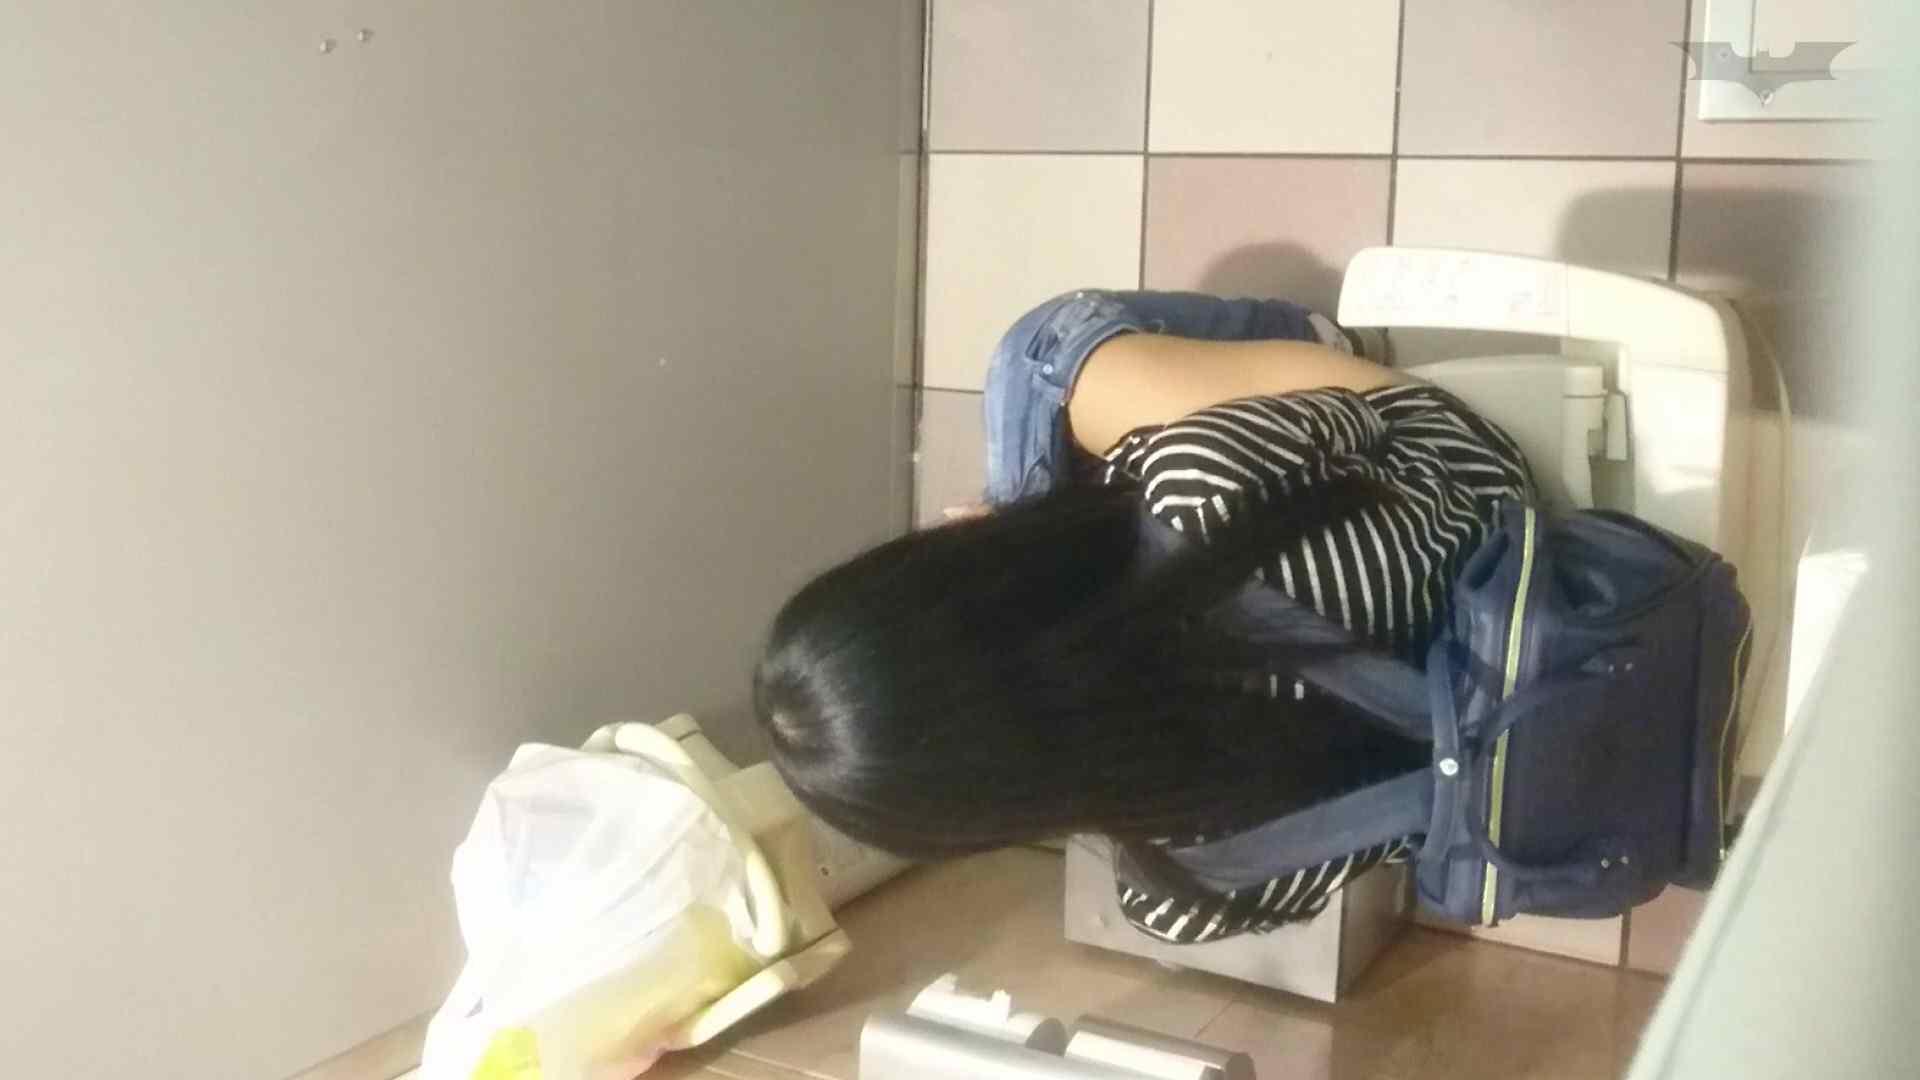 化粧室絵巻 ショッピングモール編 VOL.25 高評価  56PIX 37